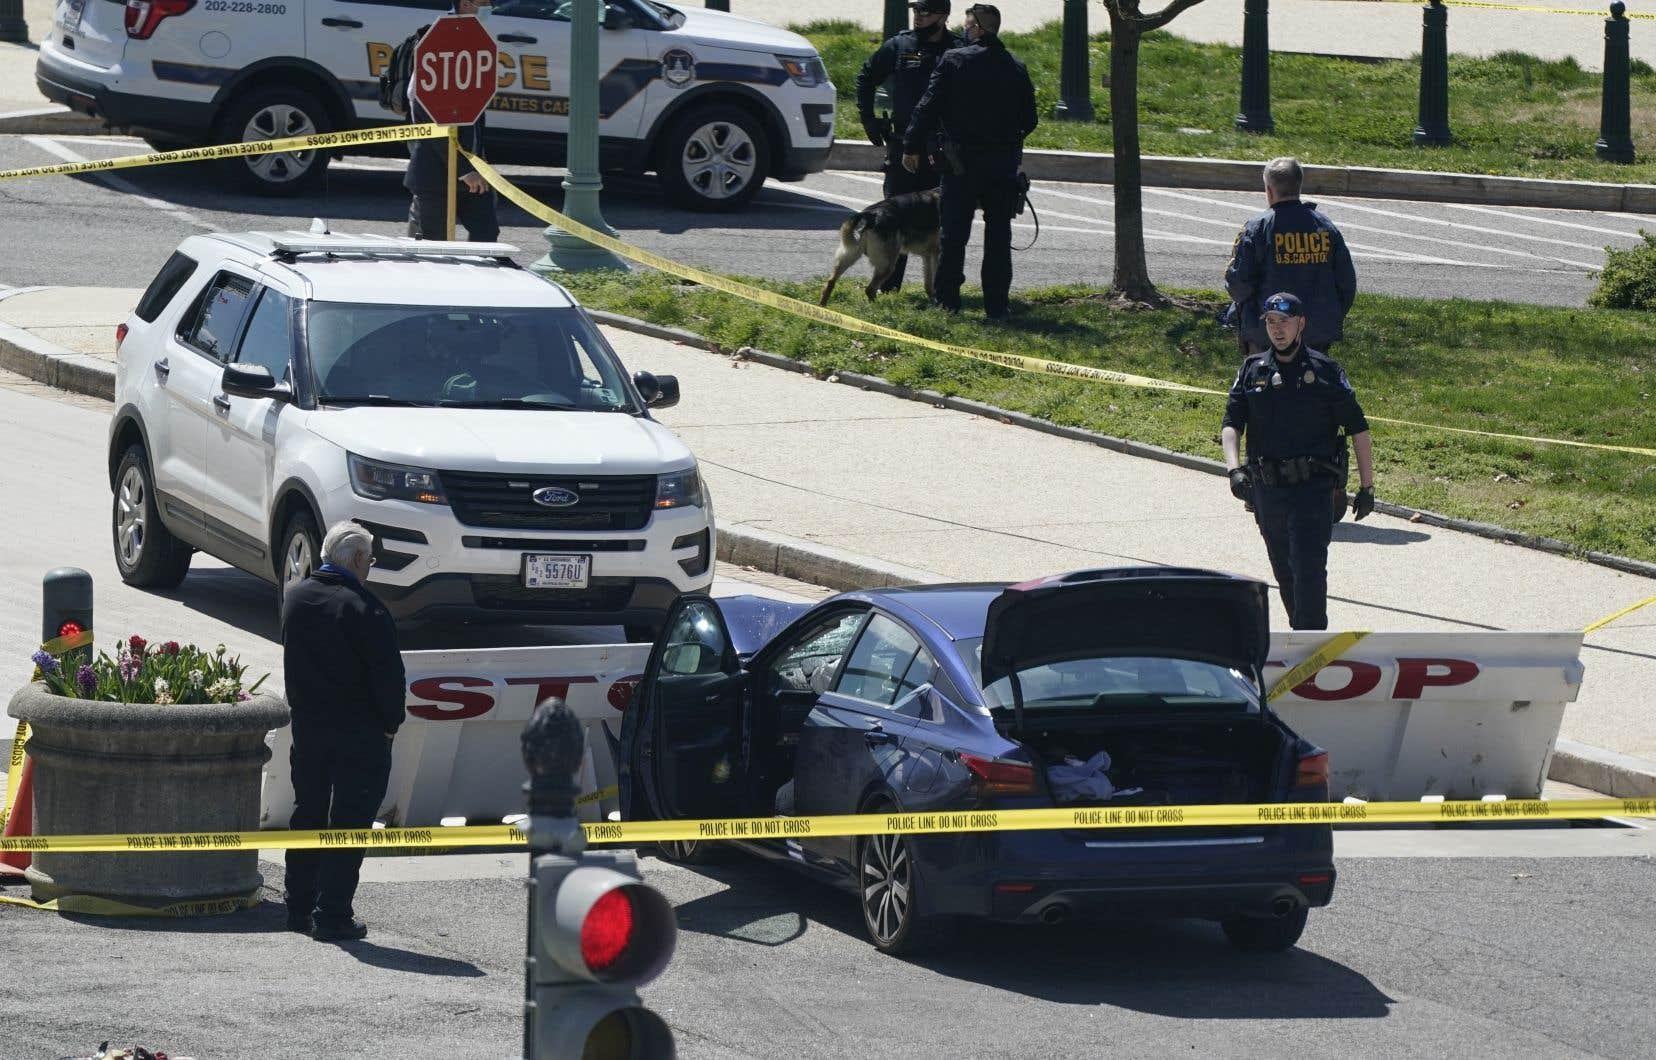 Le suspect a percuté une barrière après avoir frappé les deux agents de police avec sa voiture, selon la cheffe de la police du Capitole, Yogananda Pittman.